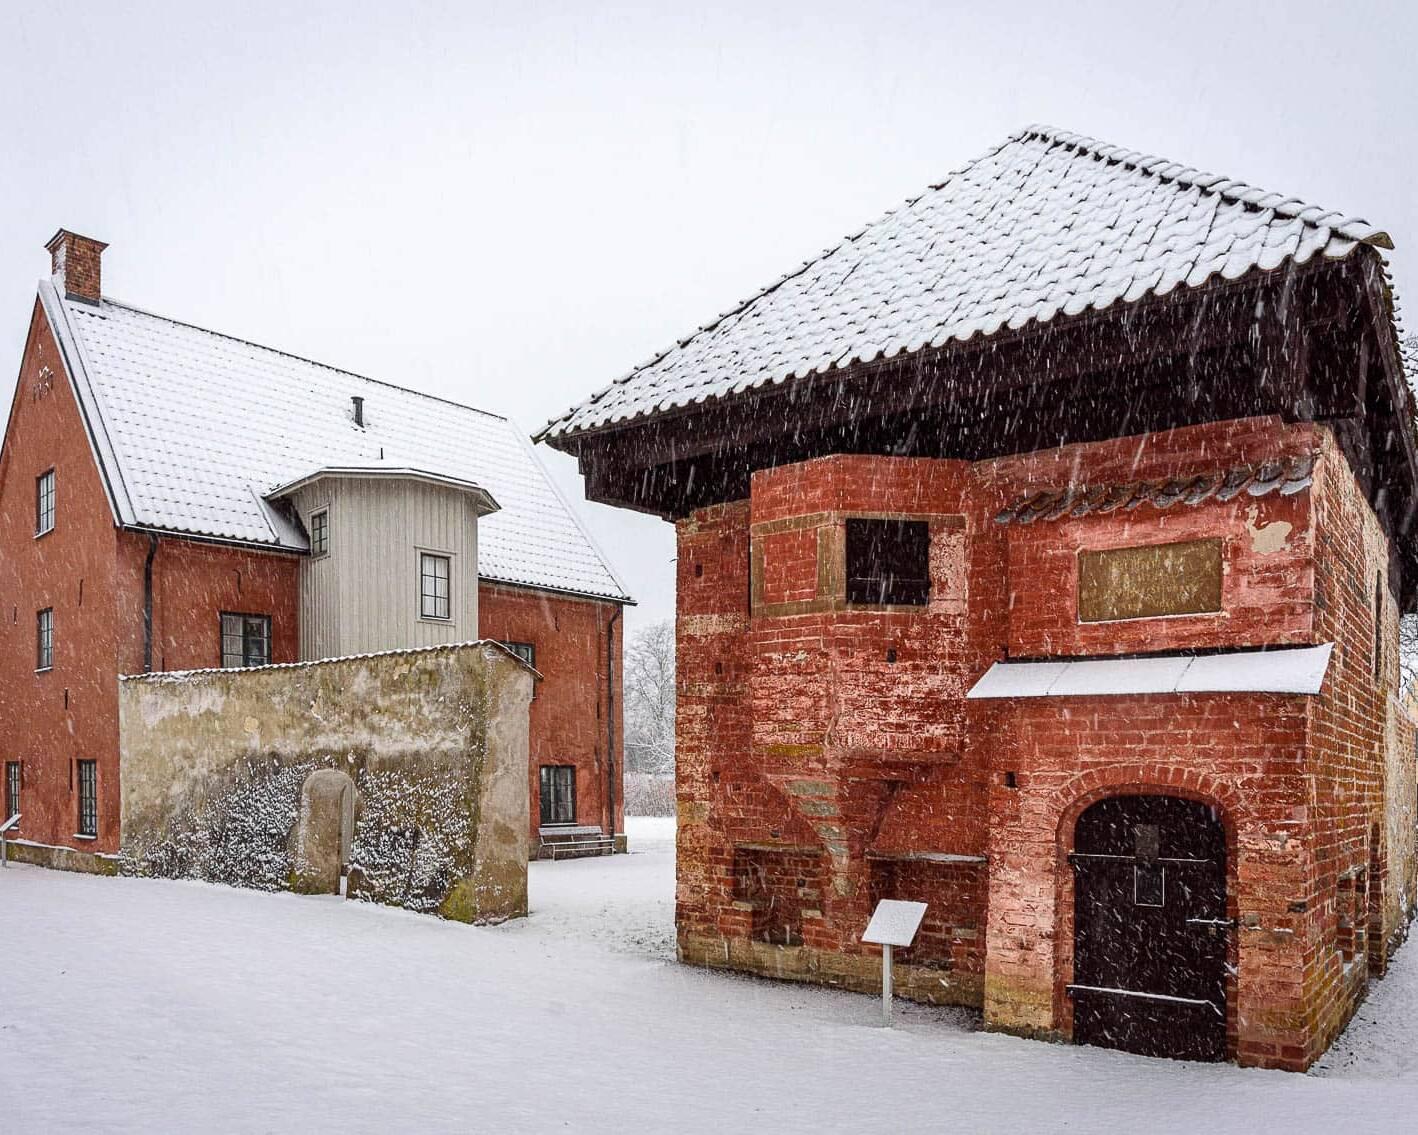 Hospitalsmuseet & Mårten Skinnares hus